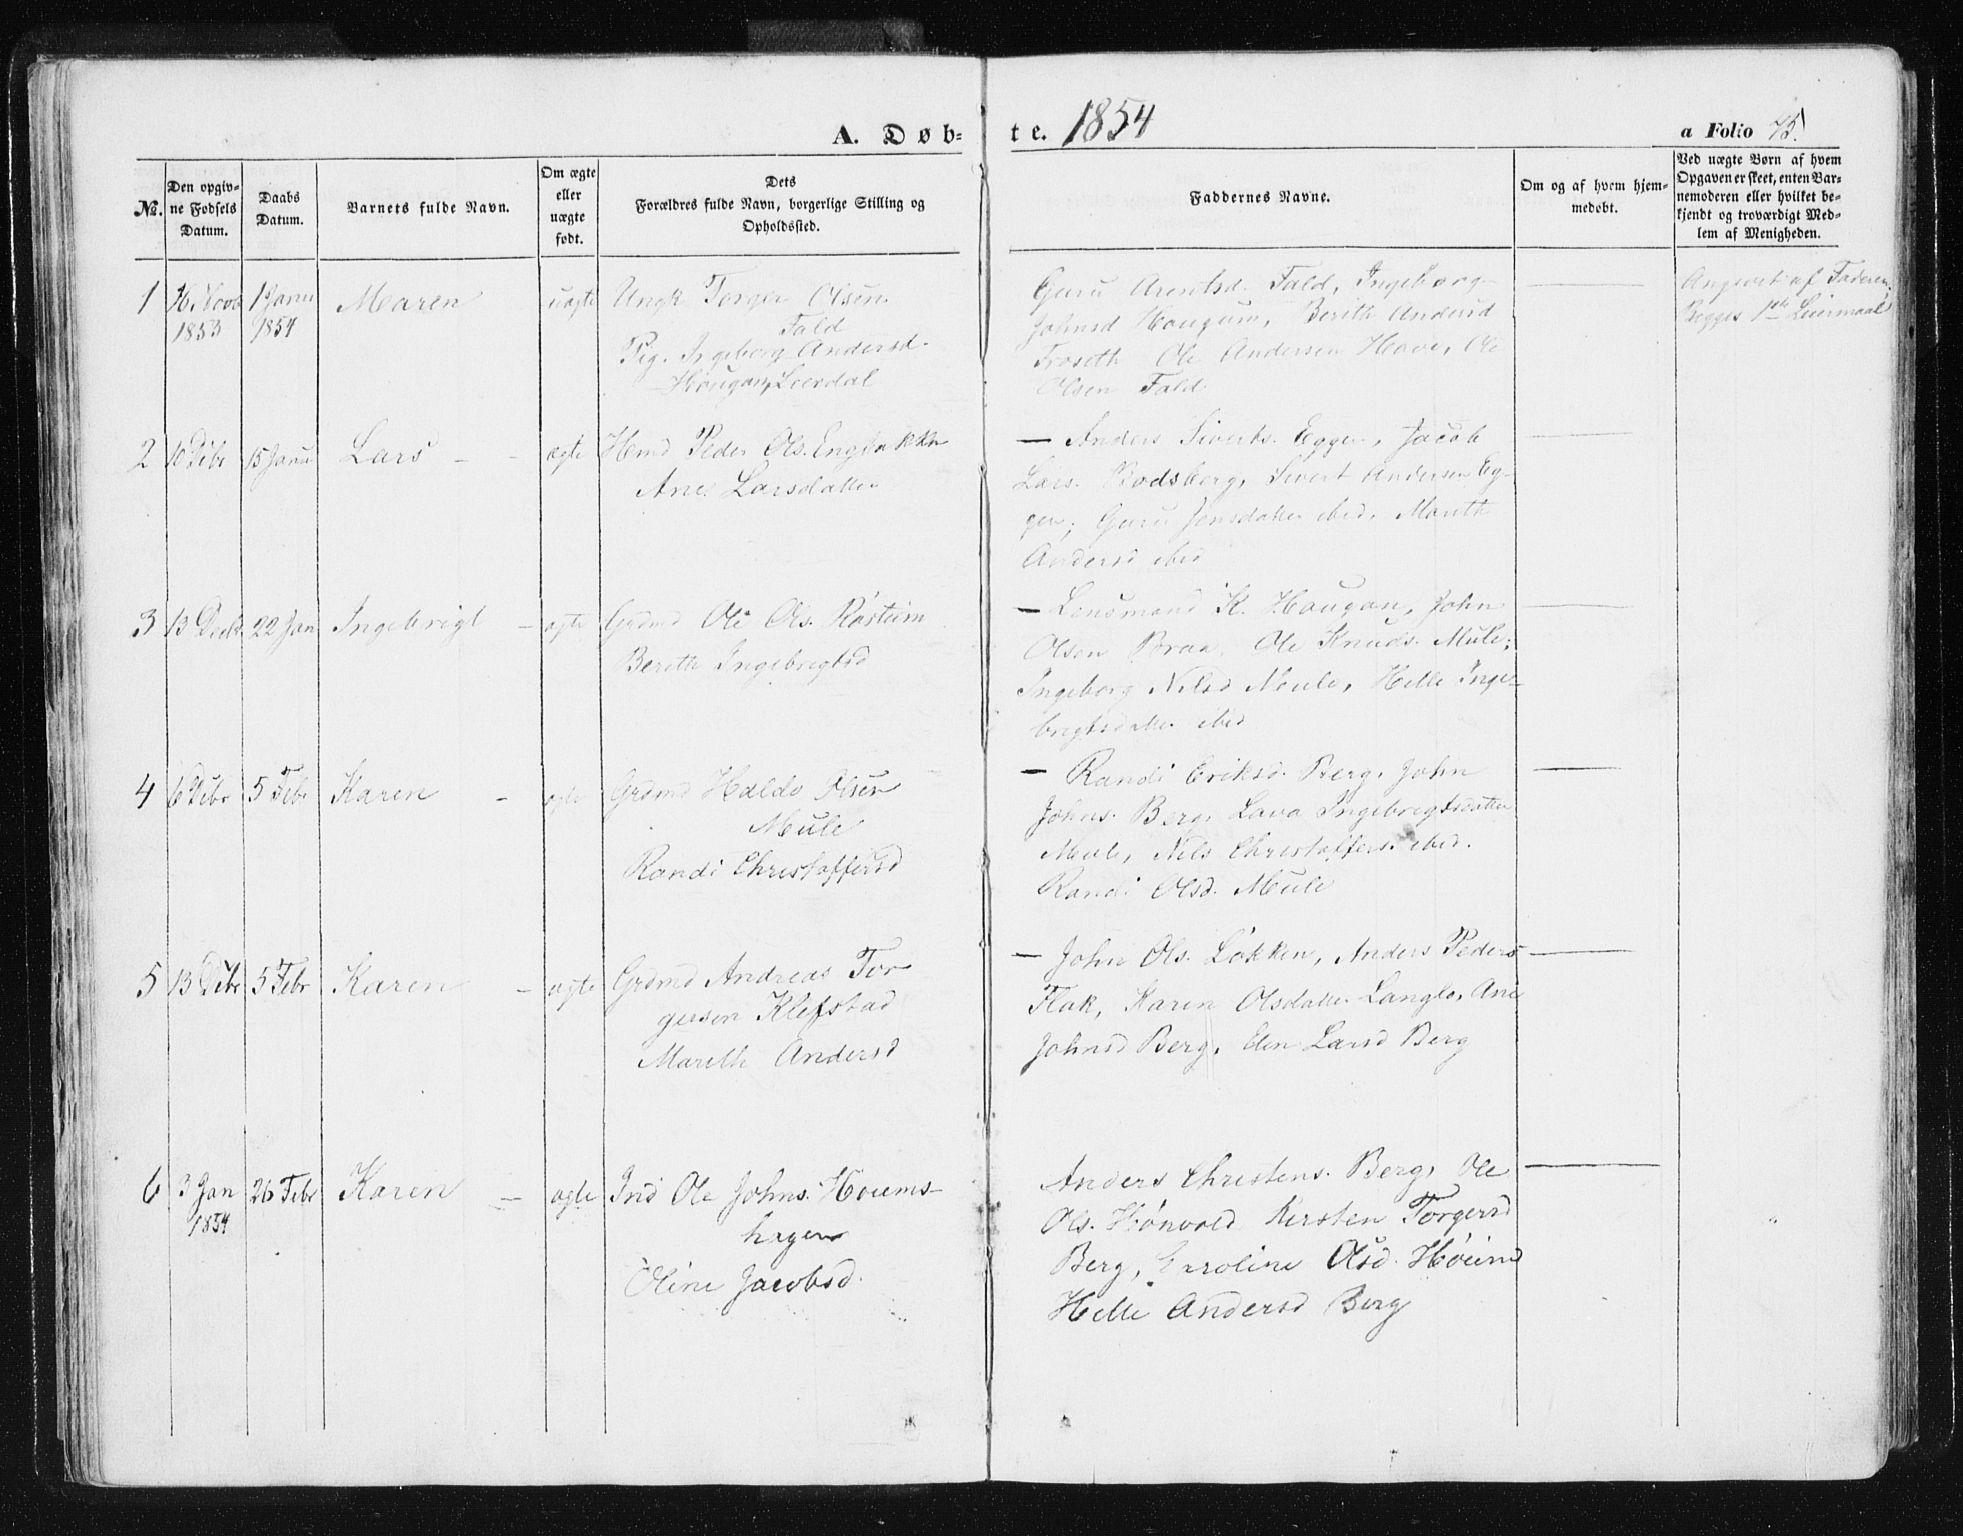 SAT, Ministerialprotokoller, klokkerbøker og fødselsregistre - Sør-Trøndelag, 612/L0376: Ministerialbok nr. 612A08, 1846-1859, s. 45